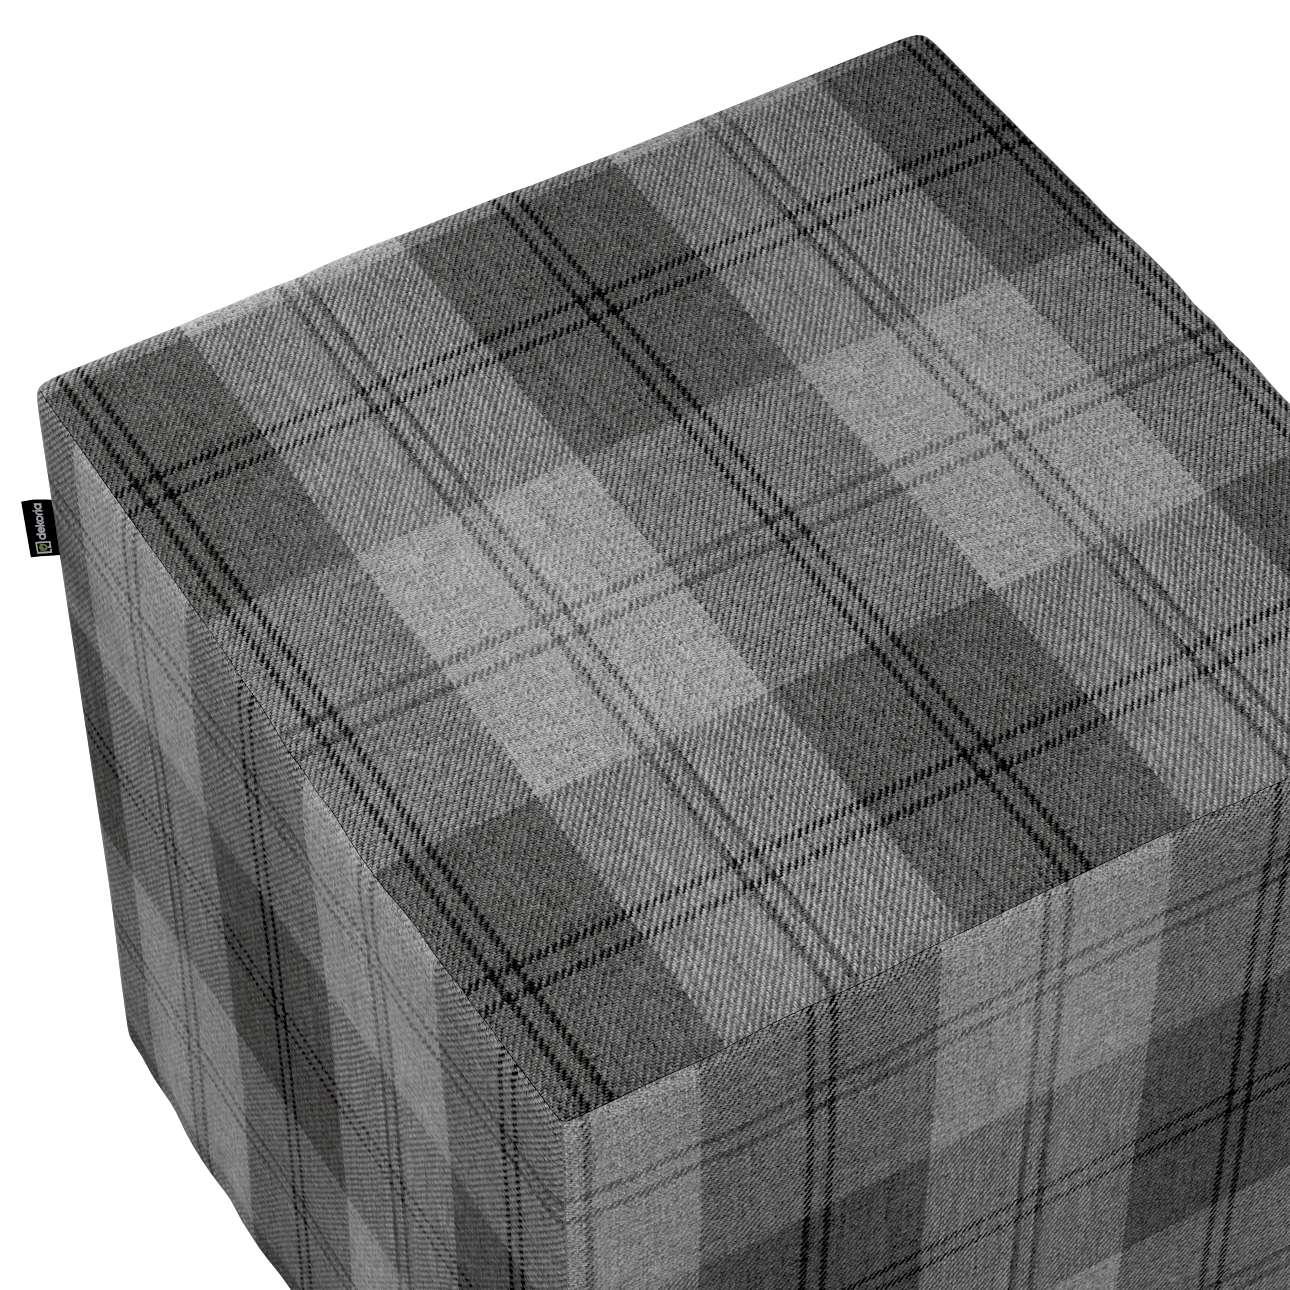 Pokrowiec na pufę kostkę w kolekcji Edinburgh, tkanina: 115-75